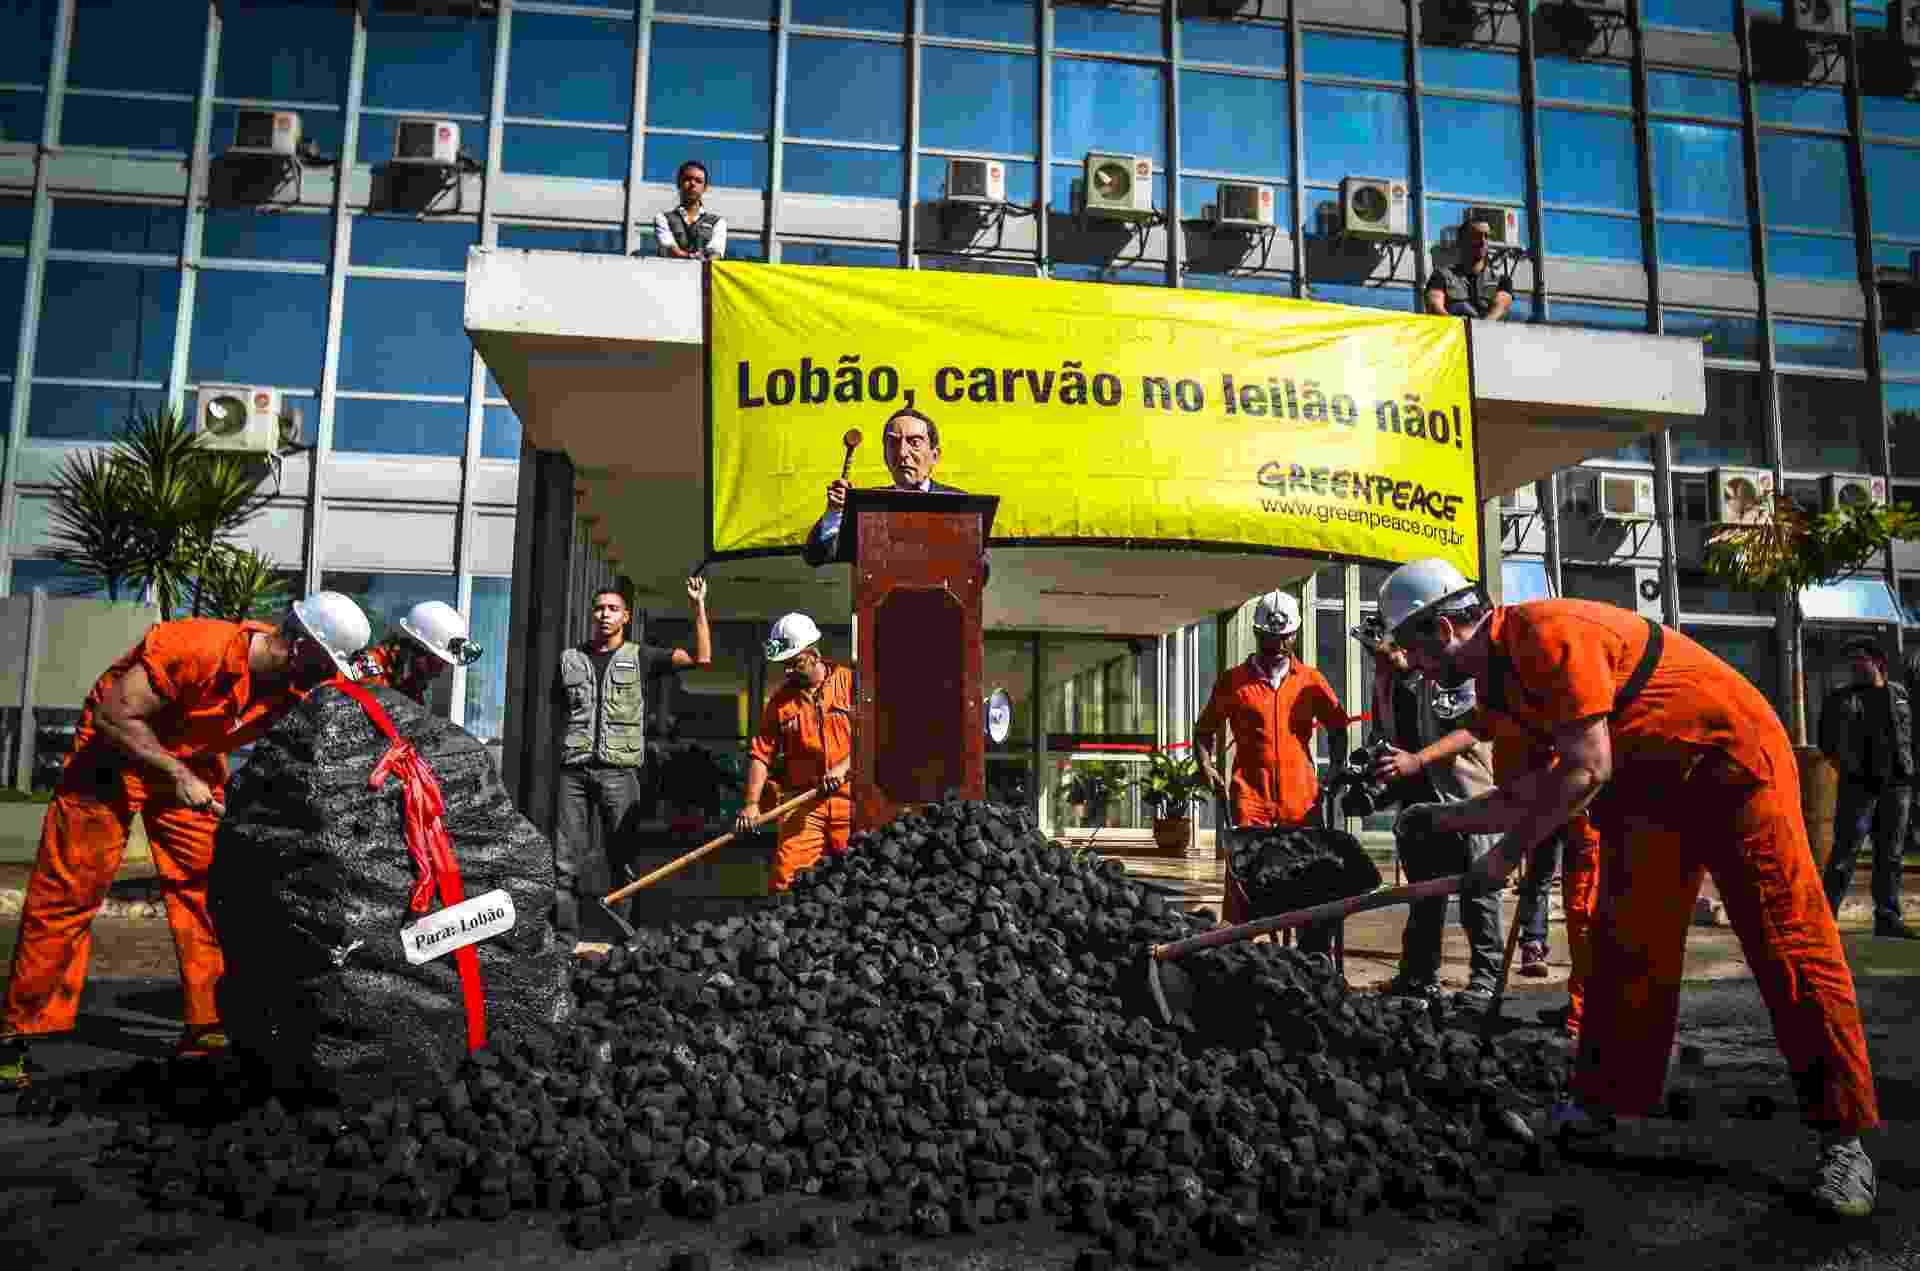 """28.ago.2013 - Ativistas do Greenpeace jogaram 1,5 tonelada de briquete de carvão em frente ao prédio do Ministério de Minas e Energia (MME), na manhã desta quarta-feira (28). Com uma faixa estendida: """"Lobão, carvão no leilão não!"""", o grupo protestou contra o retorno das usinas termelétricas a carvão no Leilão de Energia A-5, marcado para esta quinta-feira (29) - Divulgação"""